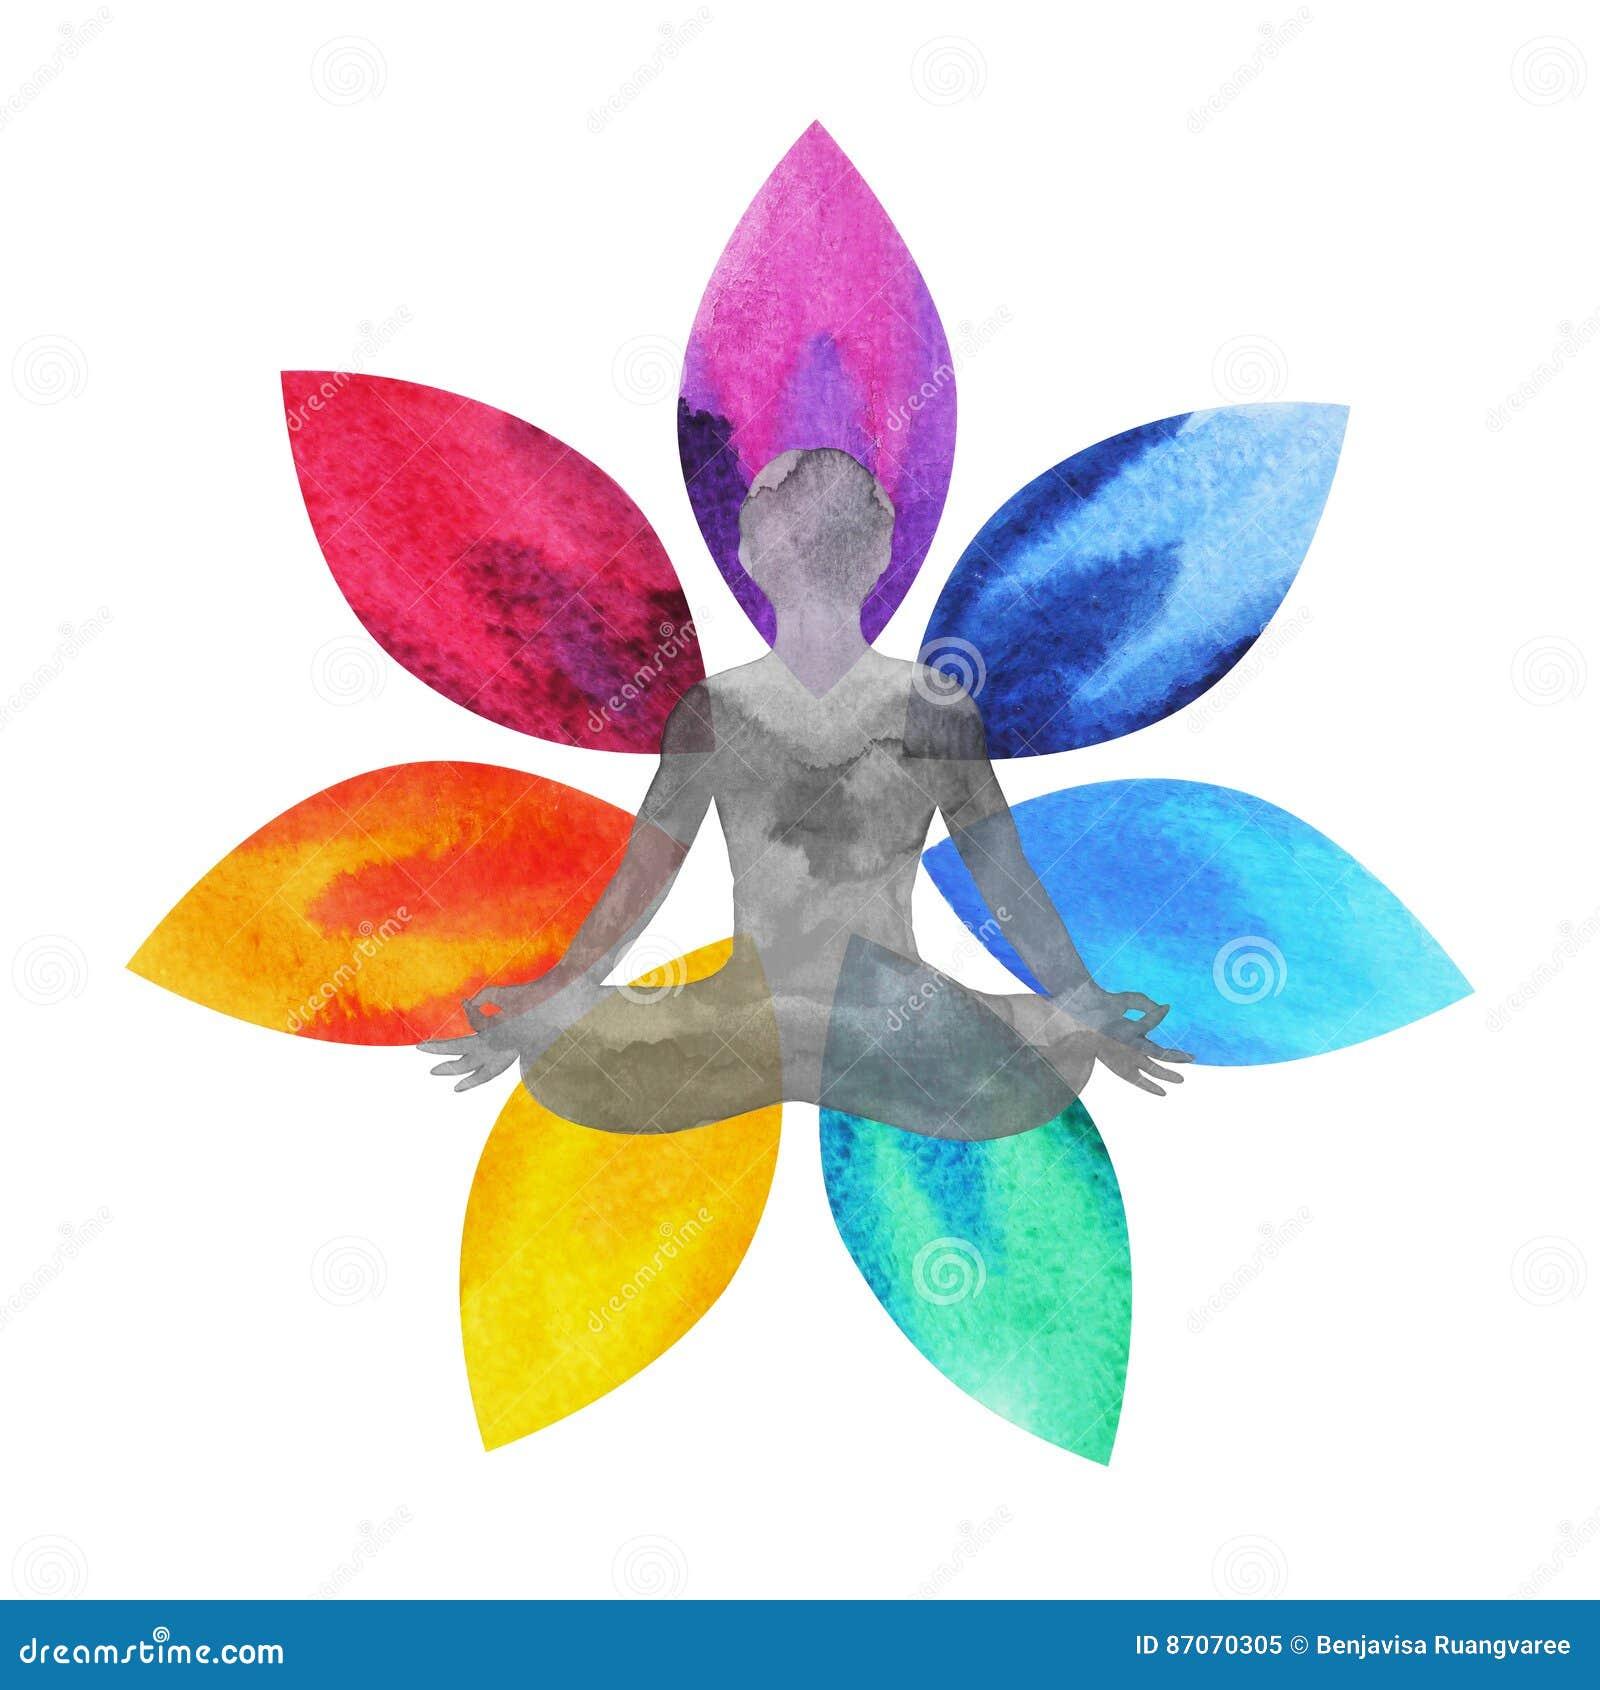 couleur 7 du symbole de chakra fleur de lotus avec le. Black Bedroom Furniture Sets. Home Design Ideas